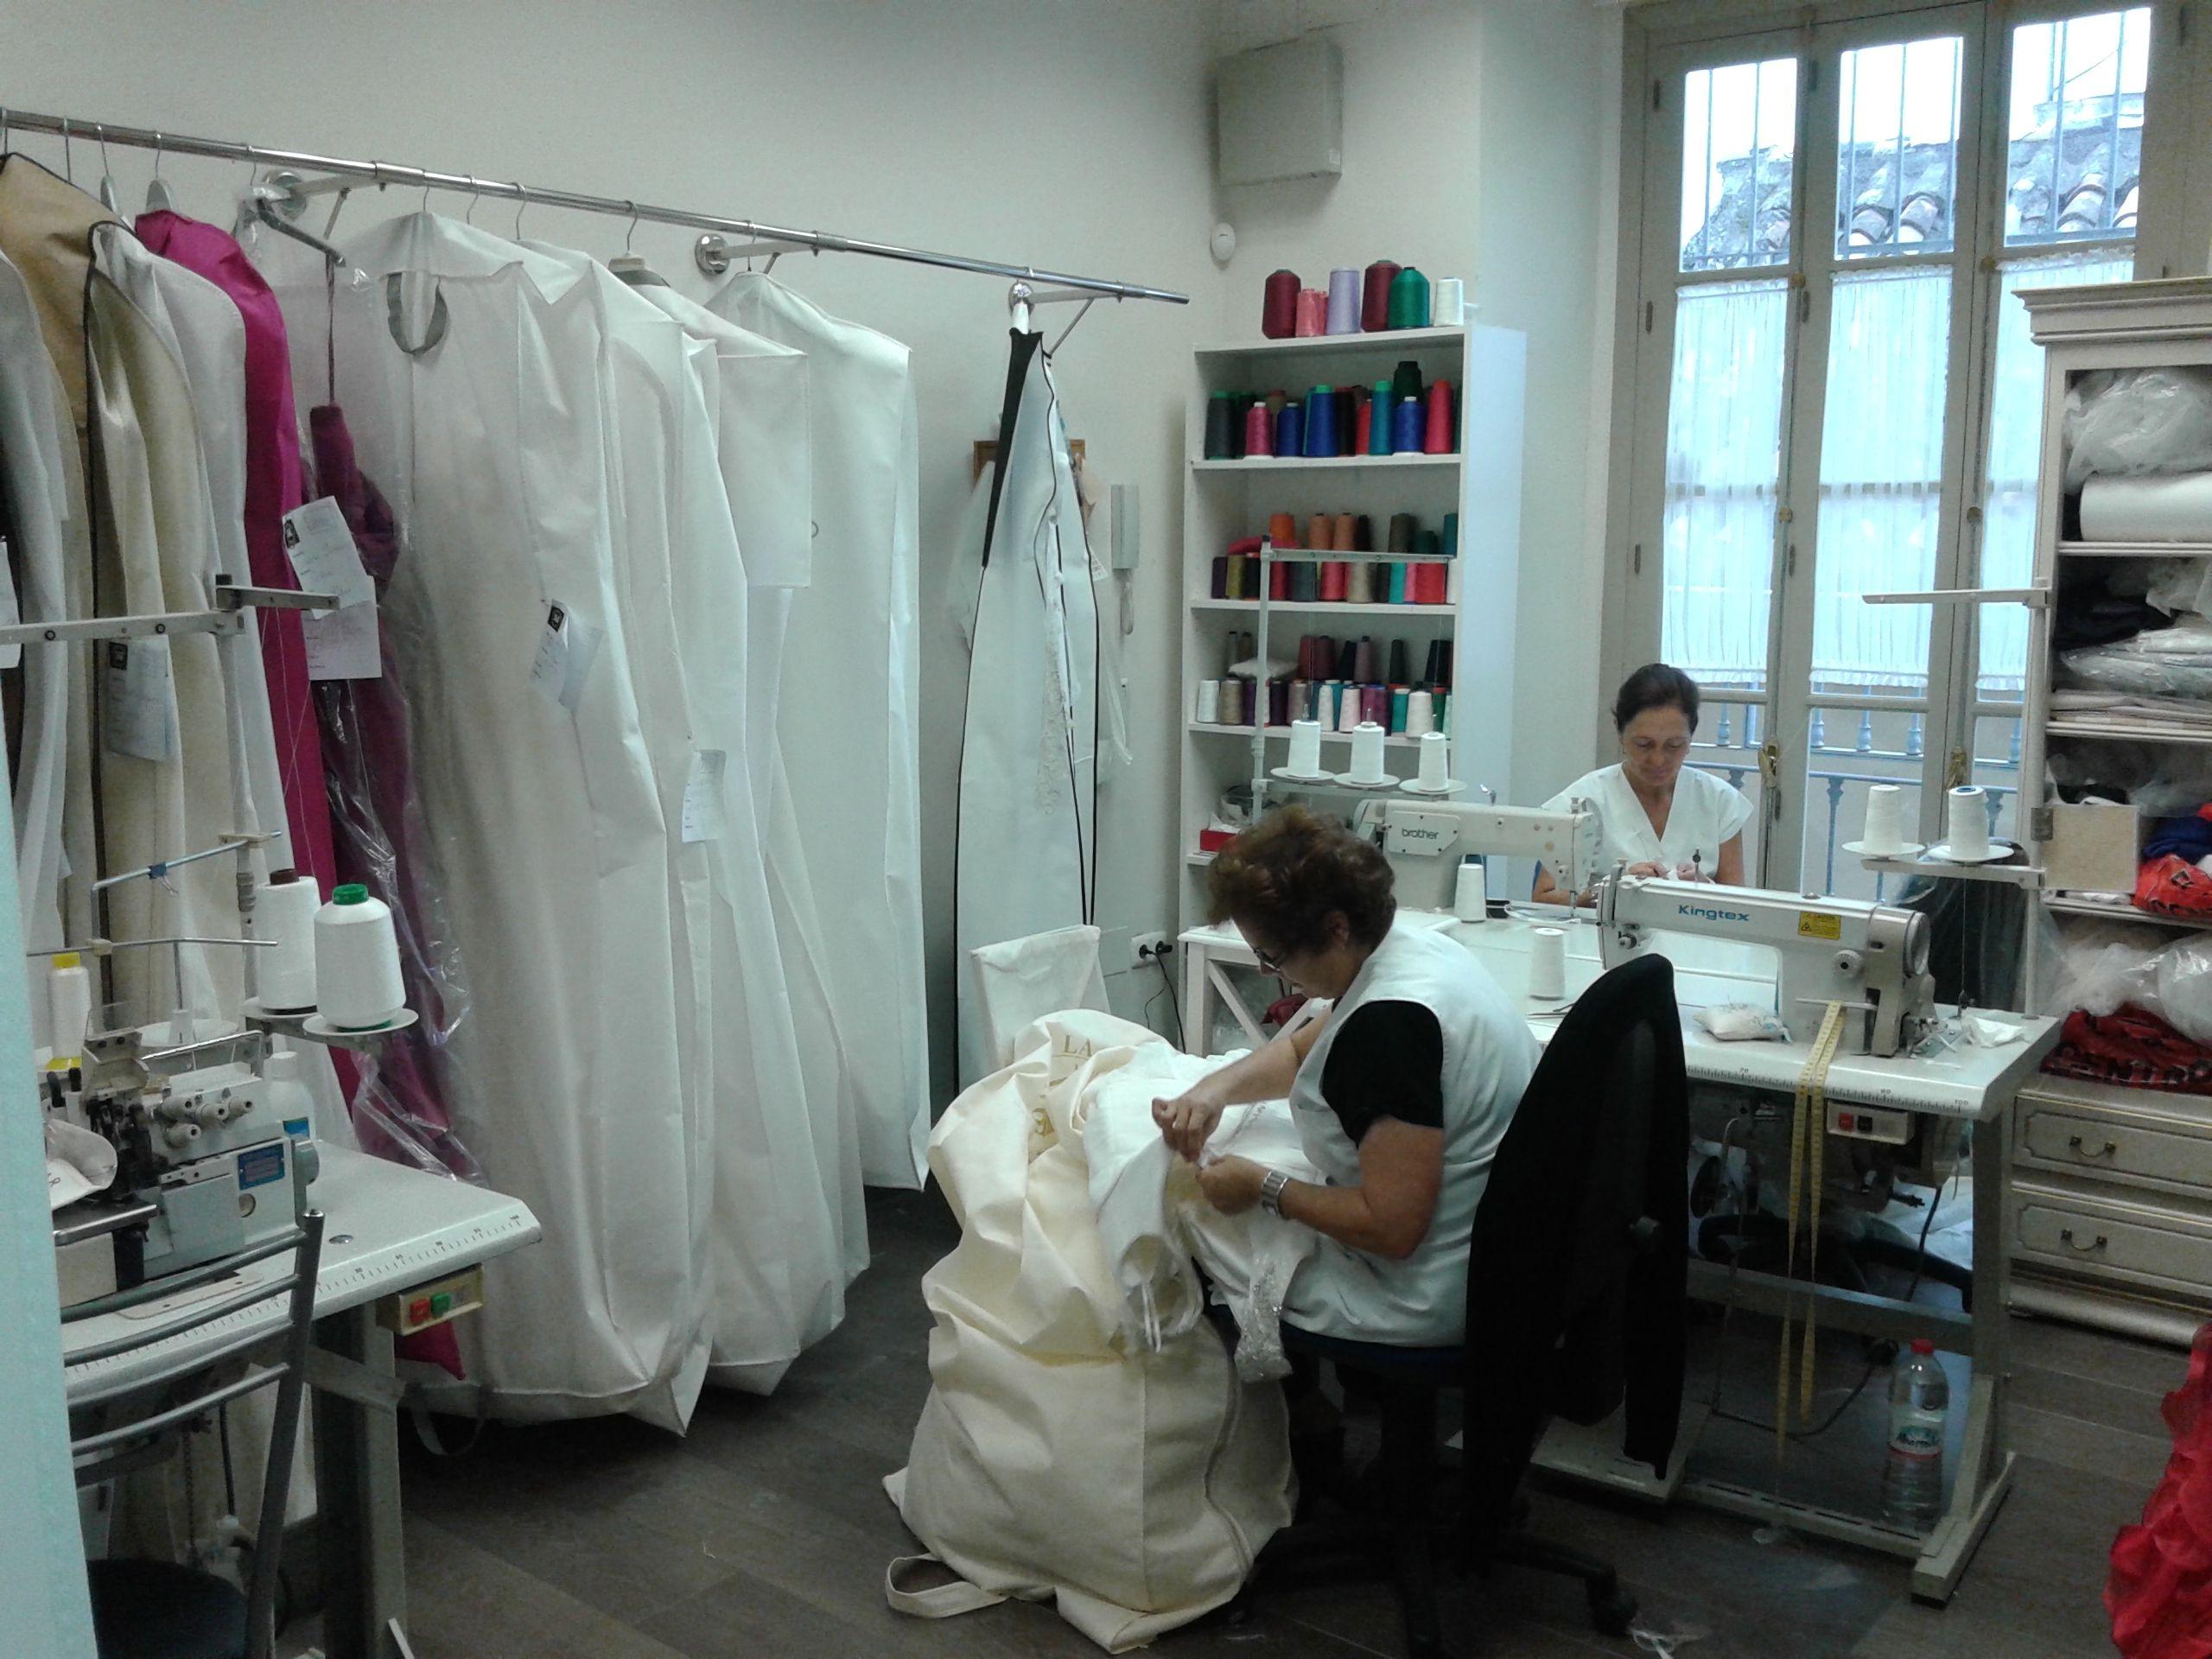 En nuestro taller terminamos de adaptar los vestidos a nuestras clientas